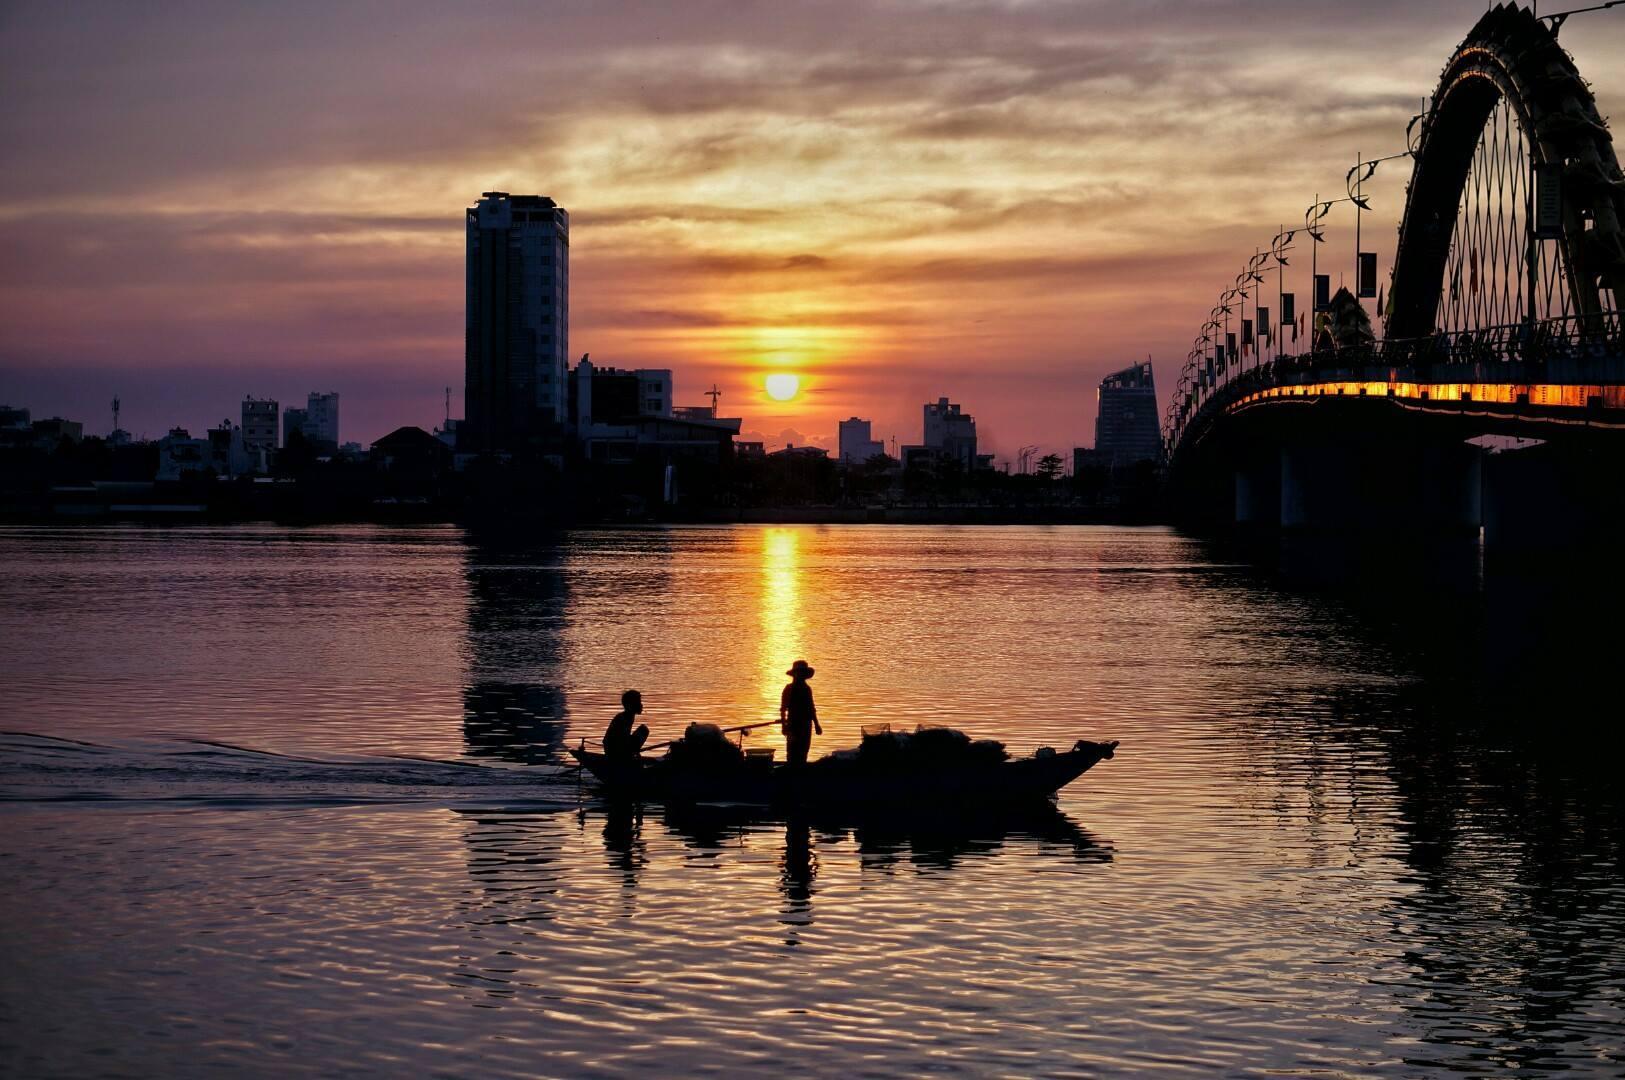 Bình minh bên sông Hàn.